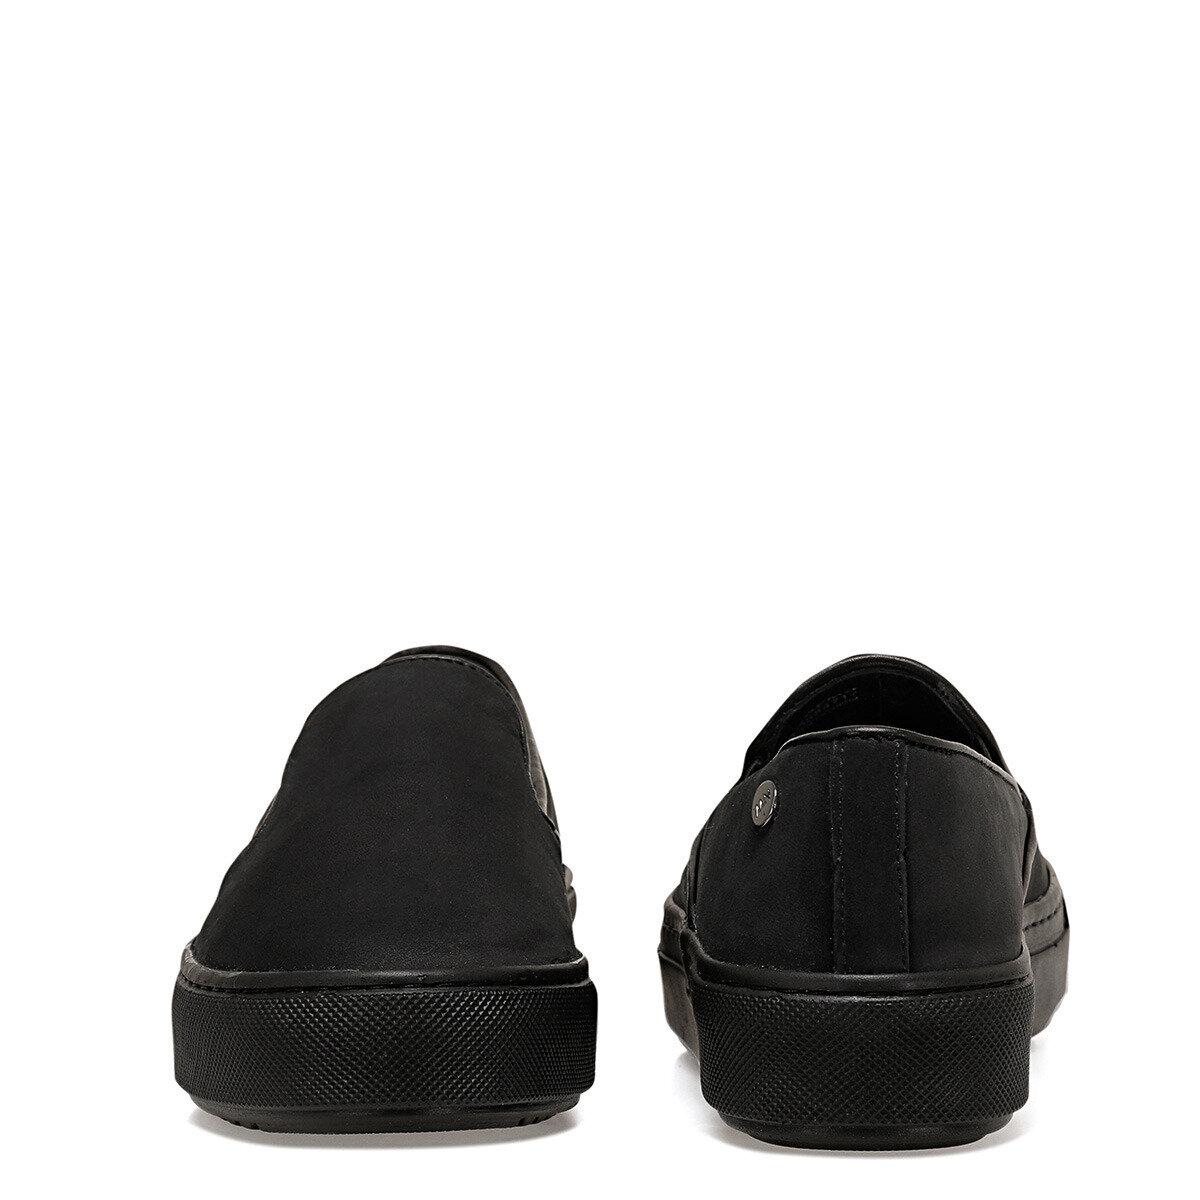 SADEMO Siyah Kadın Slip On Ayakkabı